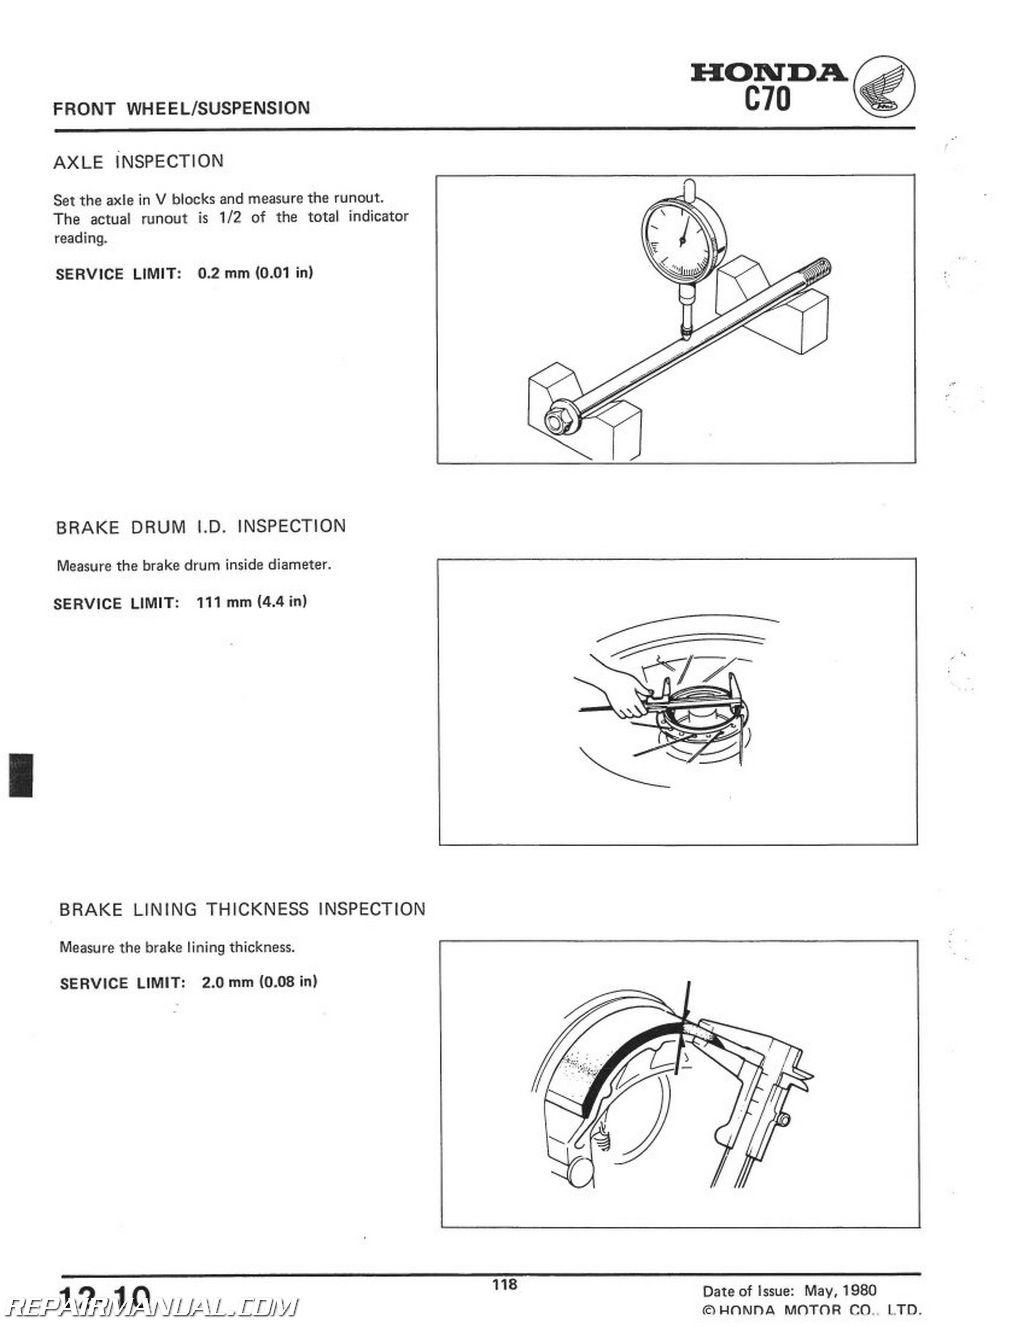 1980 1982 honda c70 scooter workshop service repair manual Honda C70 Coil Honda C70 Wiring- Diagram